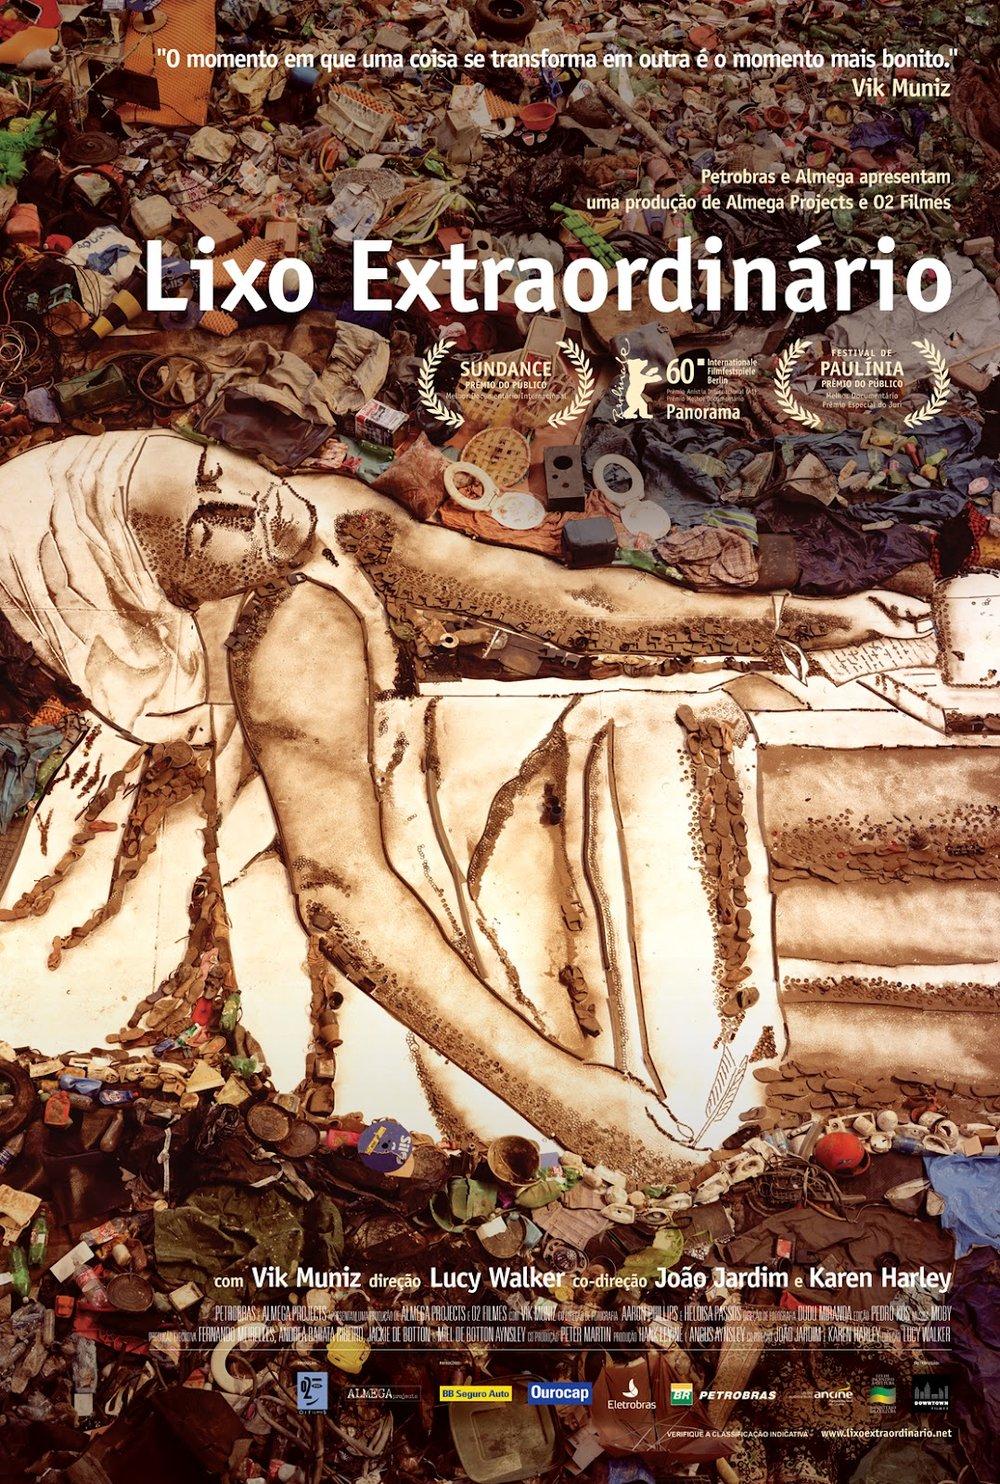 lixo_extraordinario_ALTA.jpg